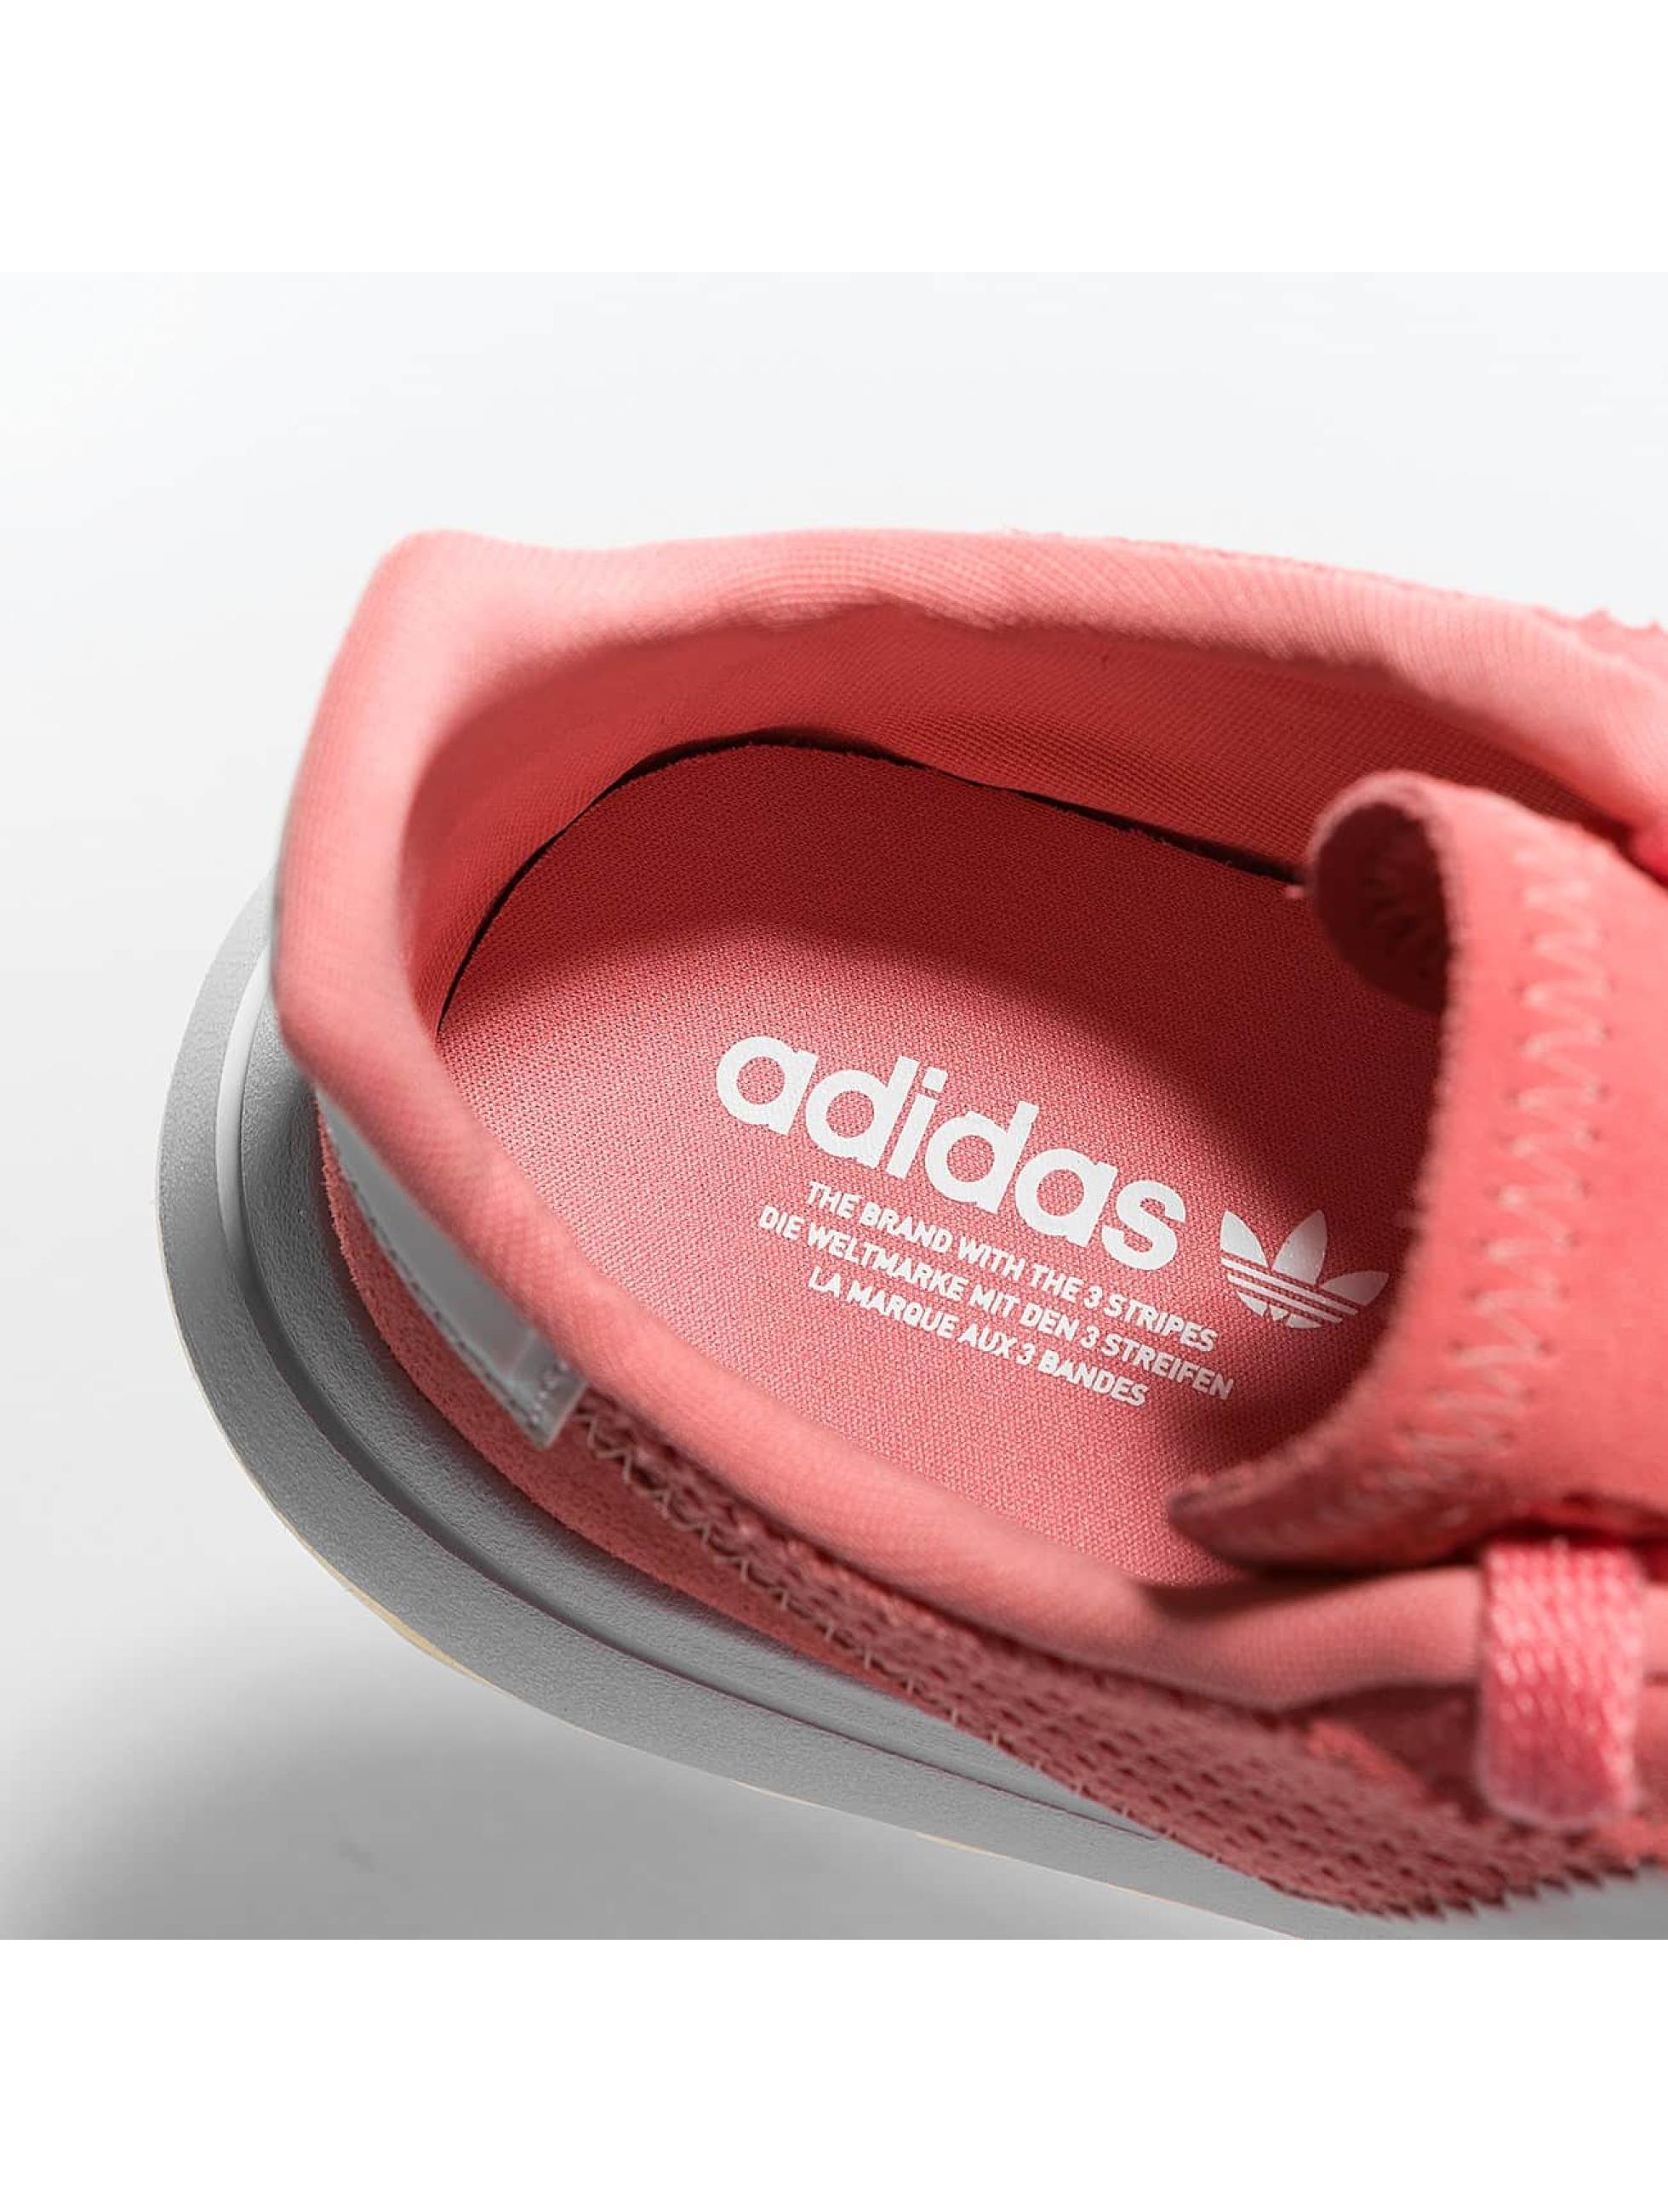 adidas originals Sneakers FLB W rose